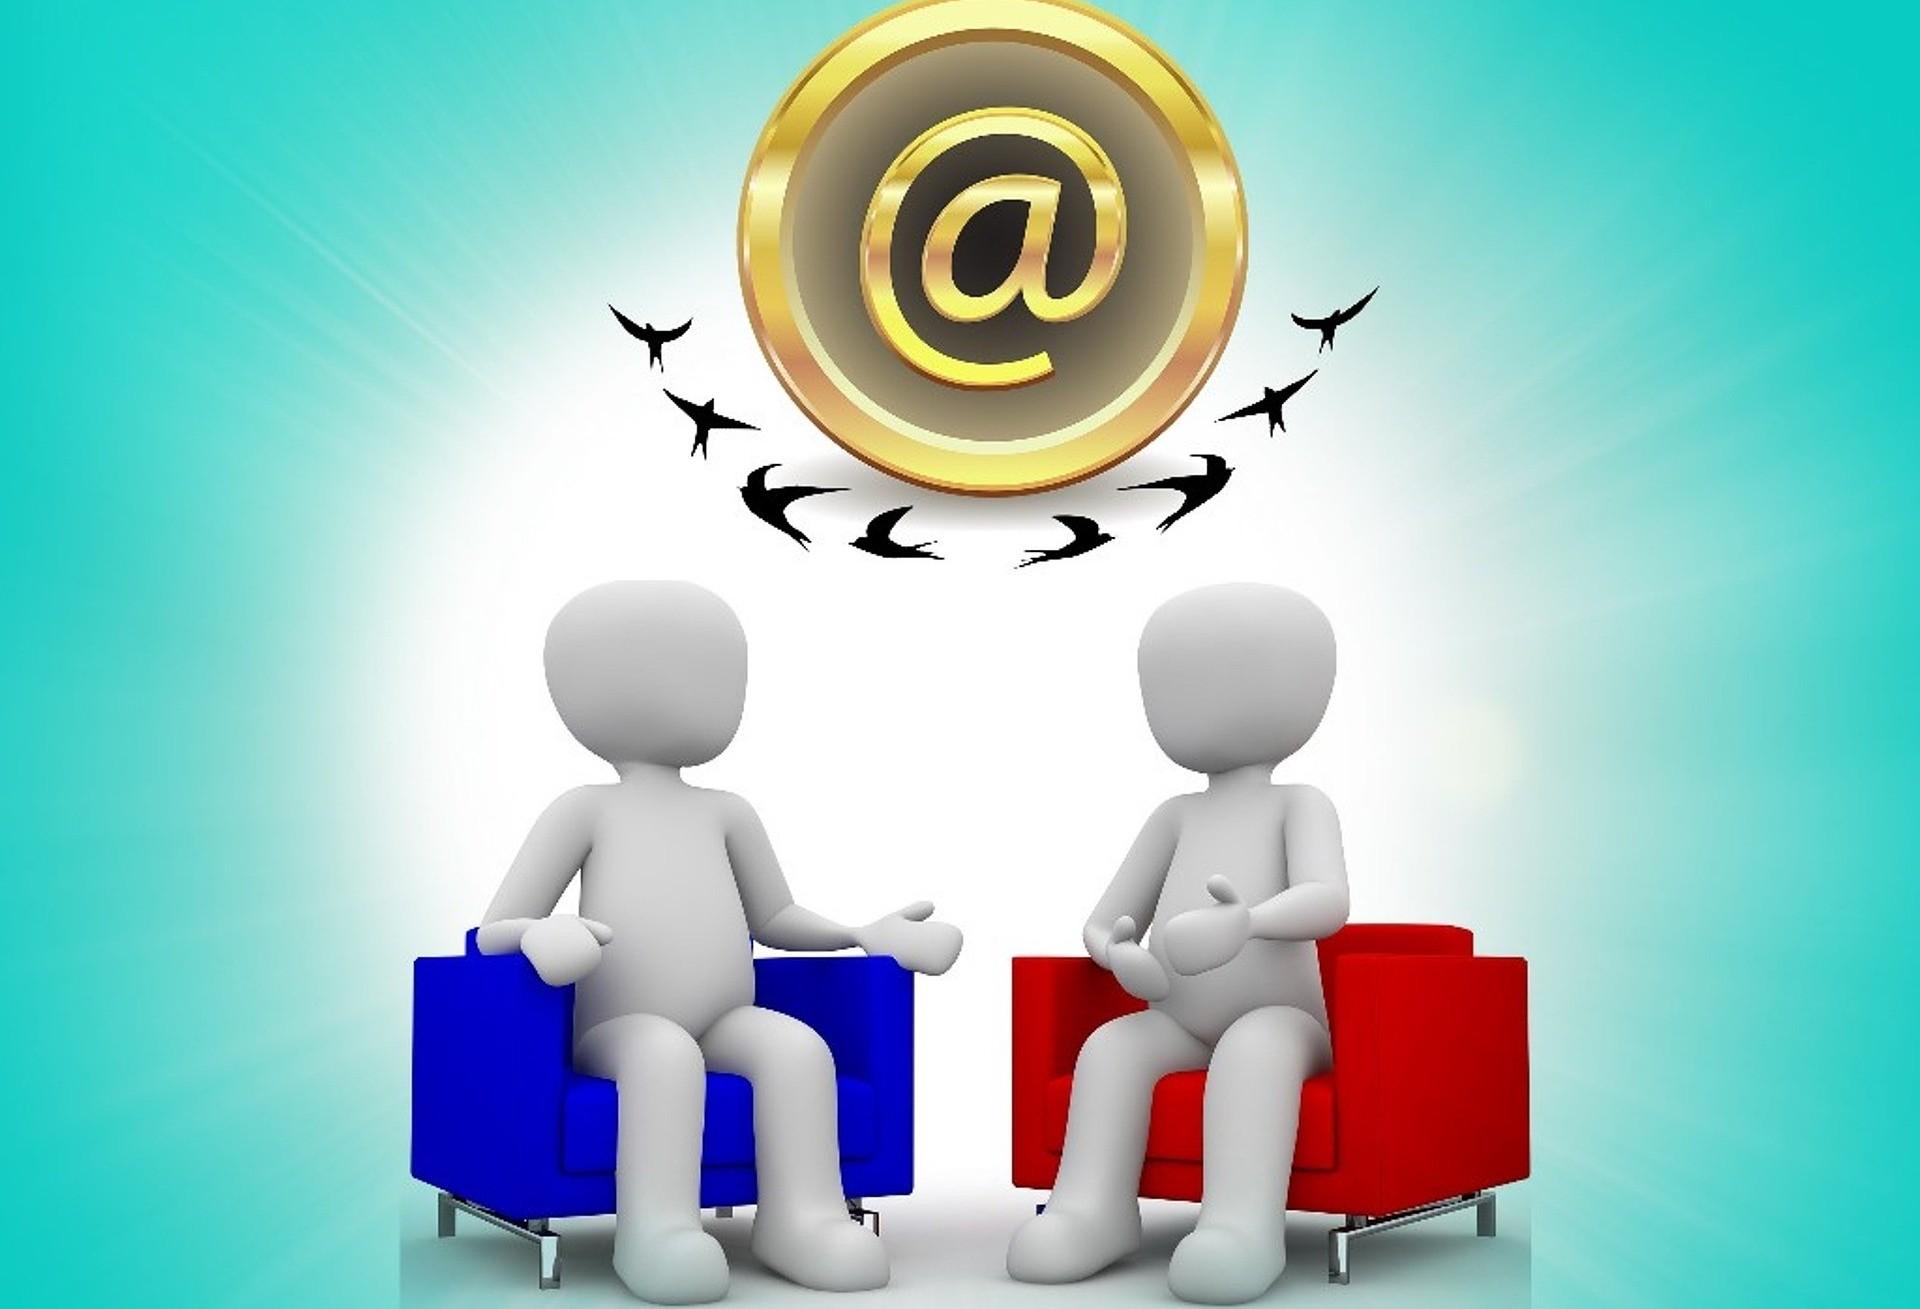 Bons debates nas redes sociais e convivência pacífica dependem da educação